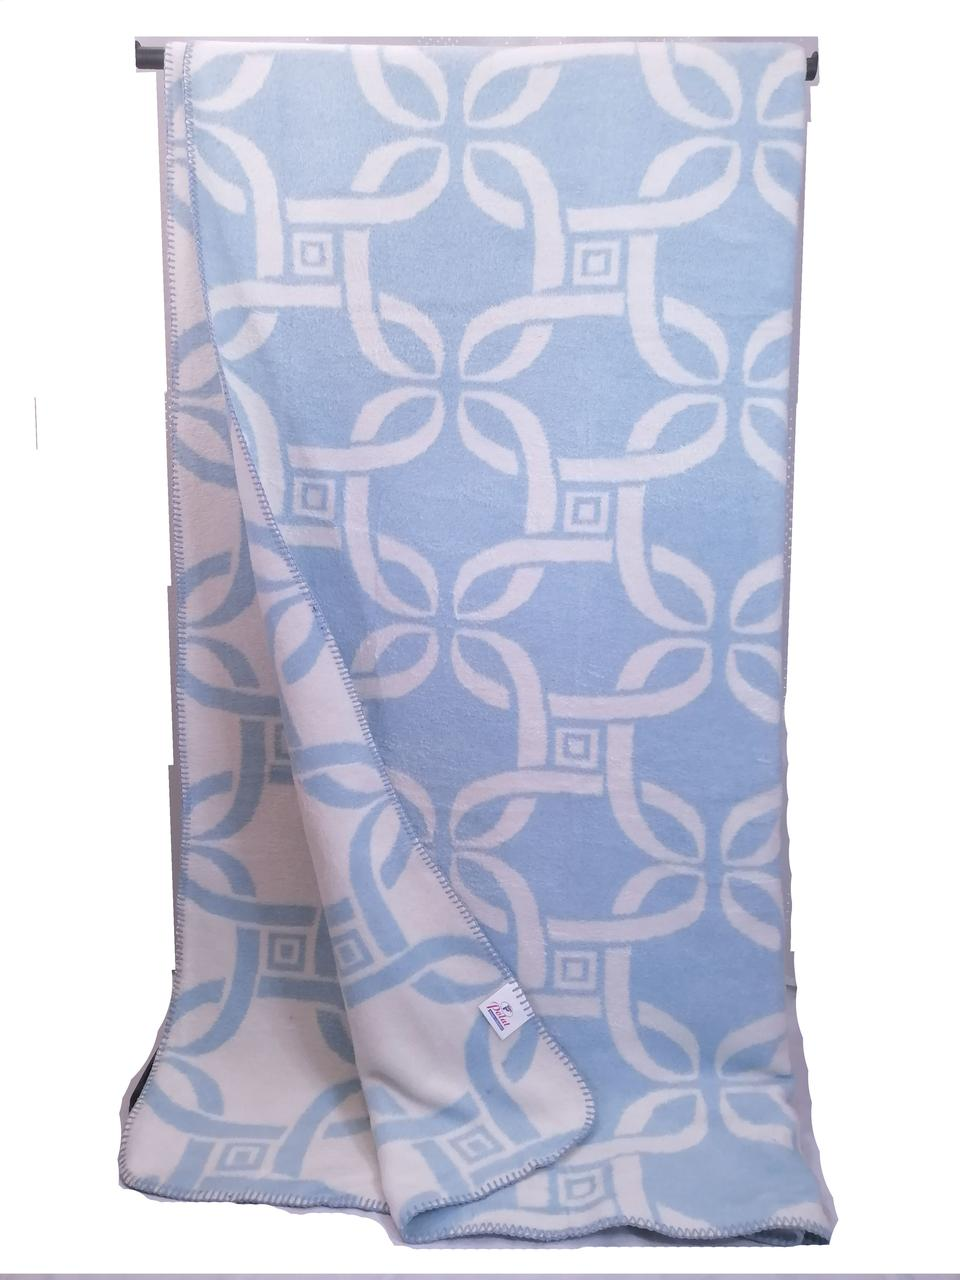 Хлопковый плед одеяло Турция 200*220 см голубой Polat